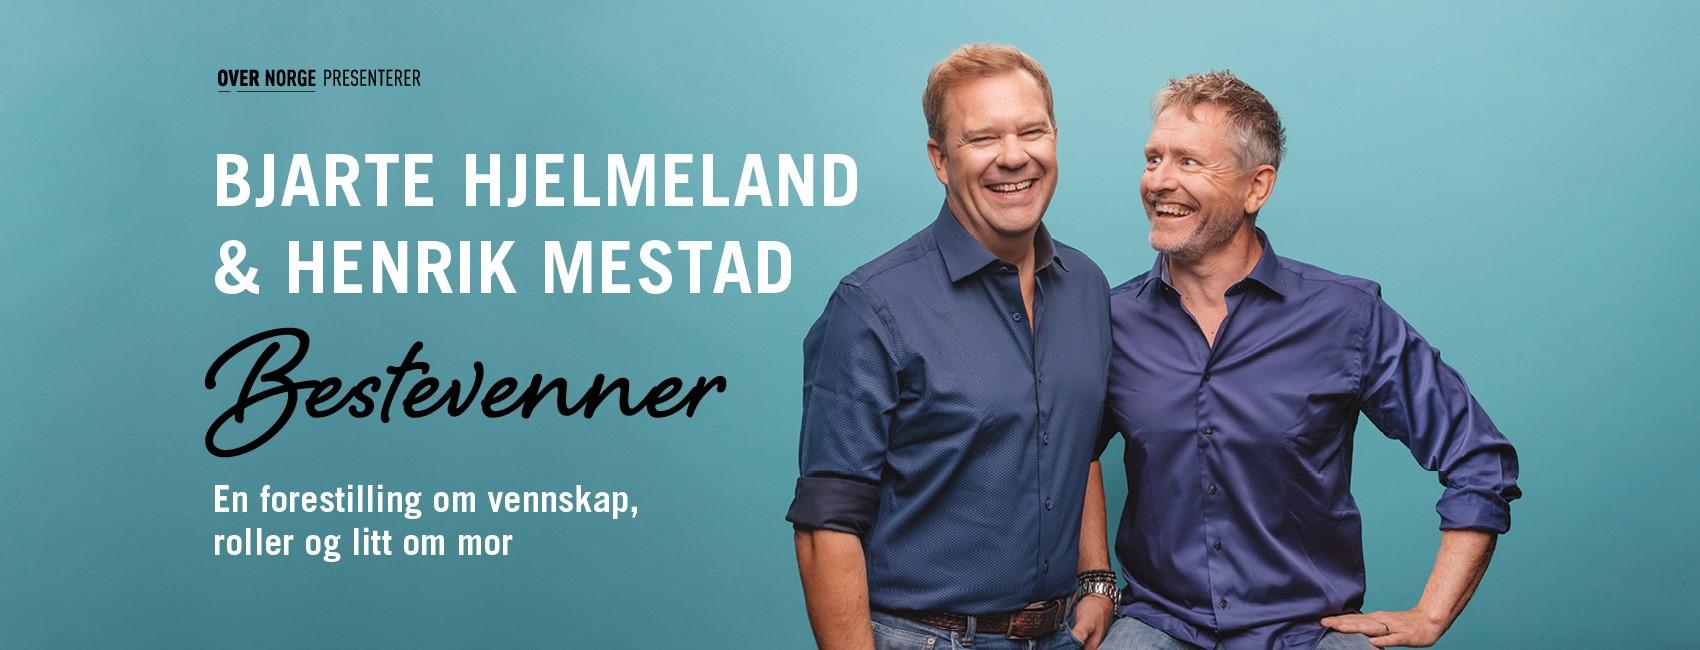 Bestevenner_Bjarte_Hjelmeland_Henrik_Mestad_Edderkoppen_Scene